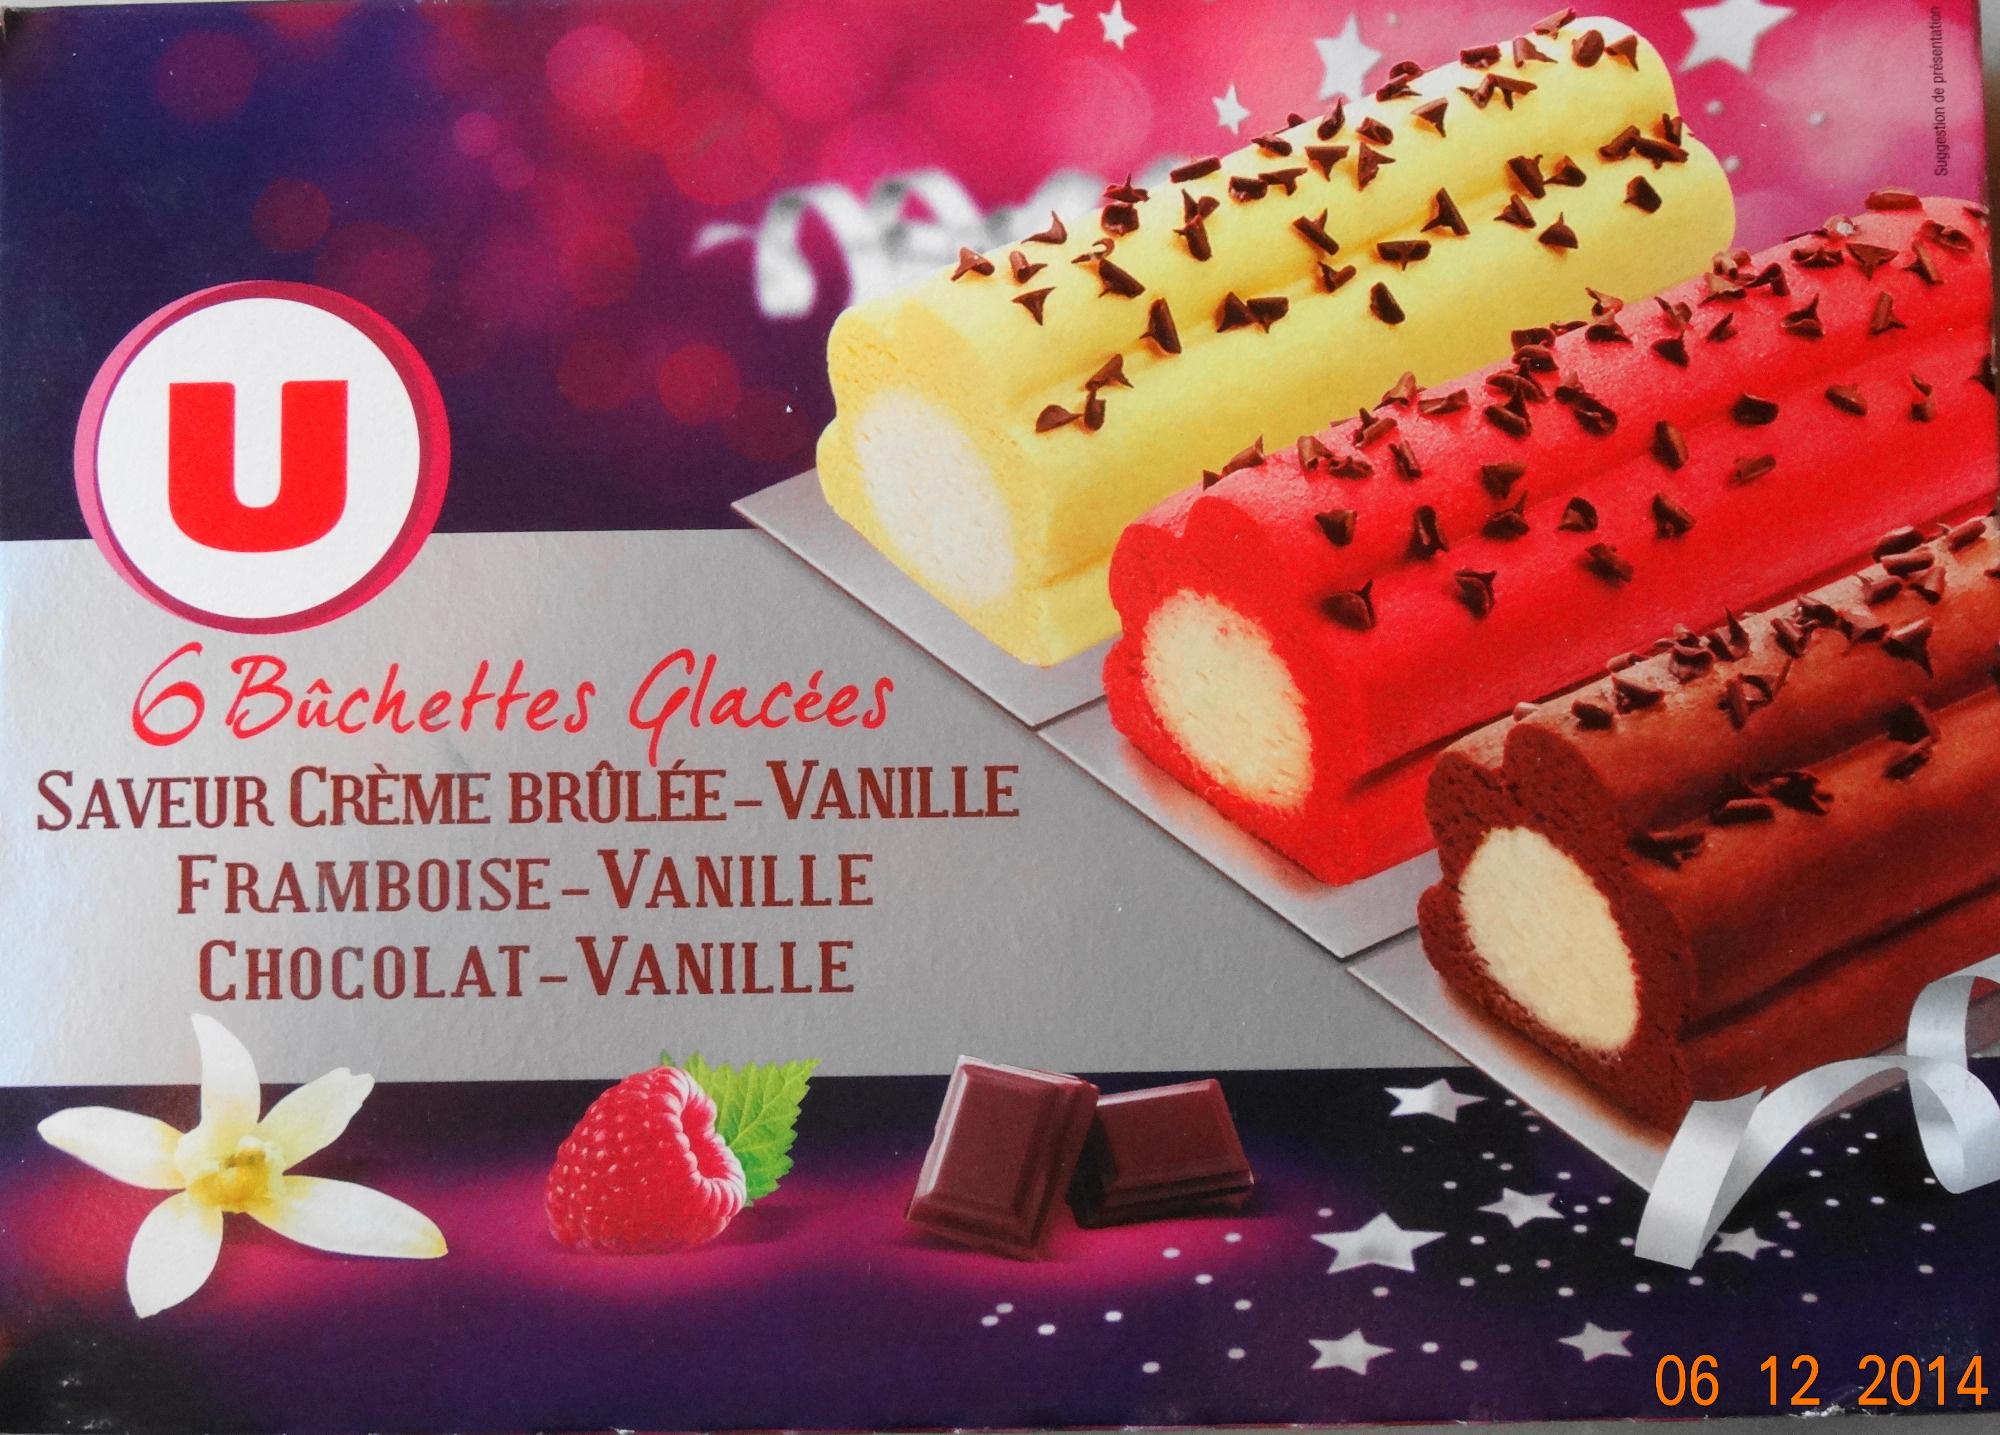 Bûchettes Glacées, saveurs vanille-crème brûlée, framboise, chocolat - Produit